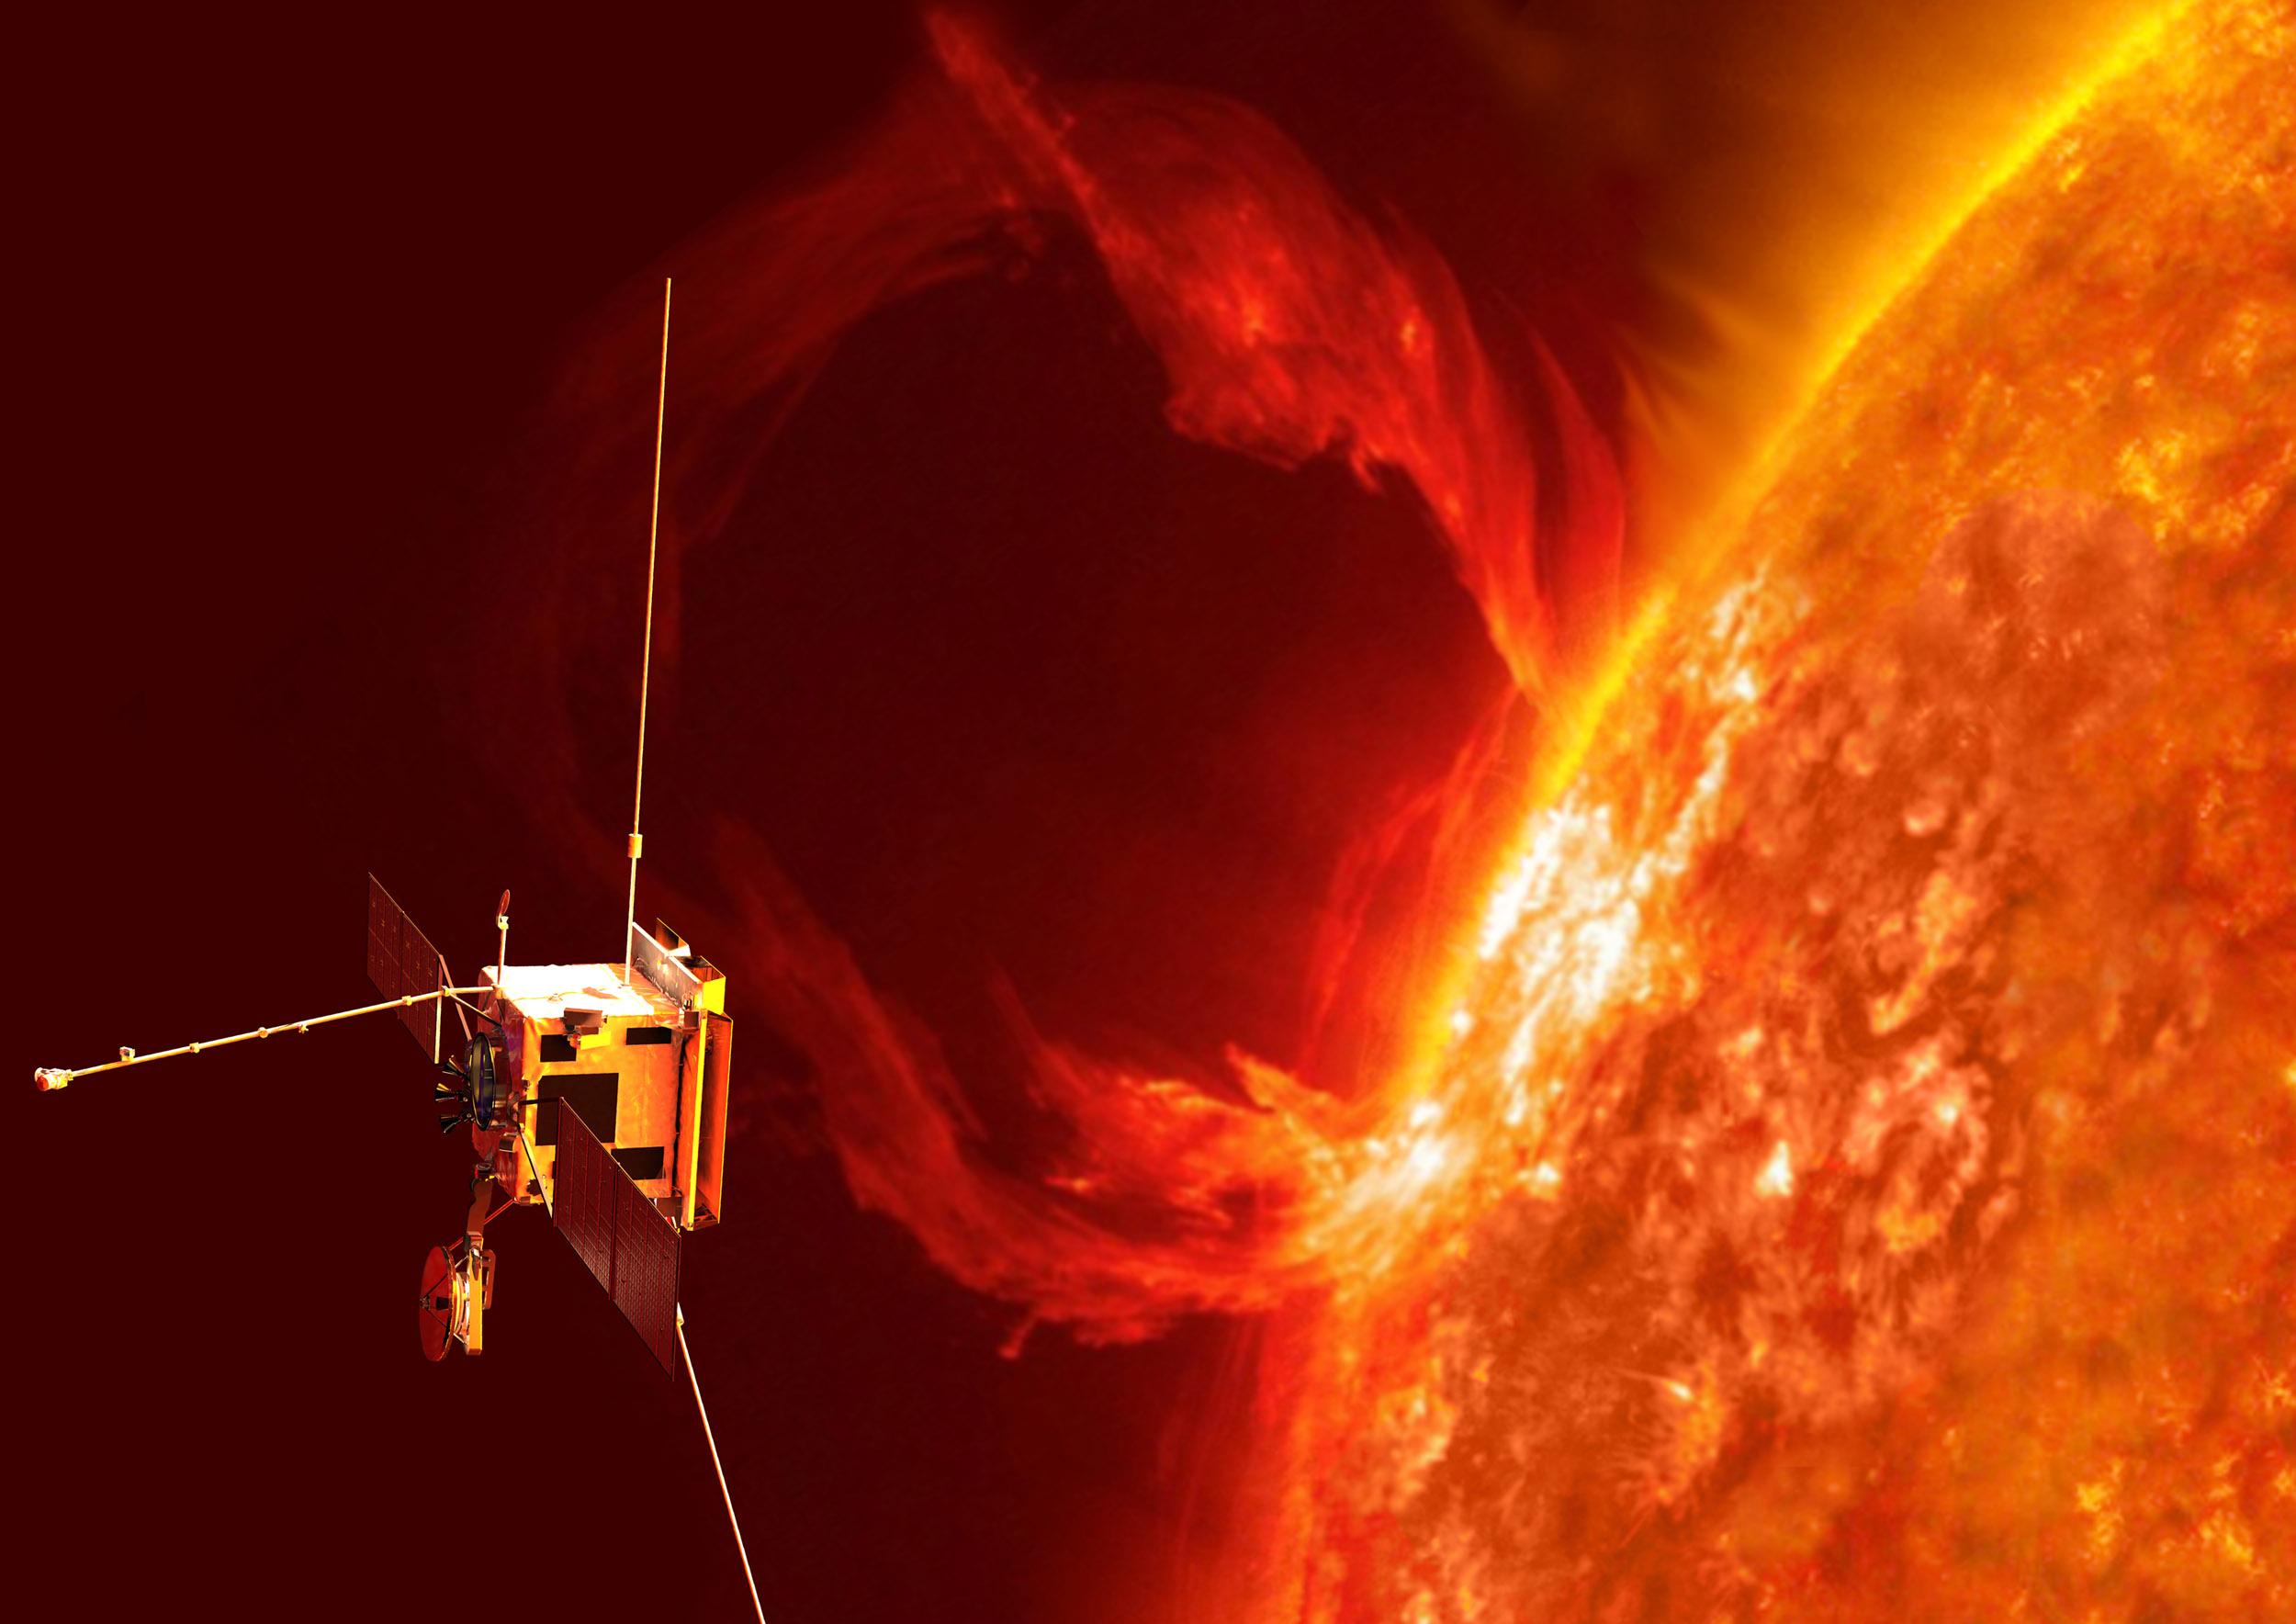 ESA og NASAs romsonde Solar Orbiter skal undersøke sola i ekstremt høy oppløsning og gå nærmere den enn noen annen romsonde. Illustrasjon: ESA/AOES